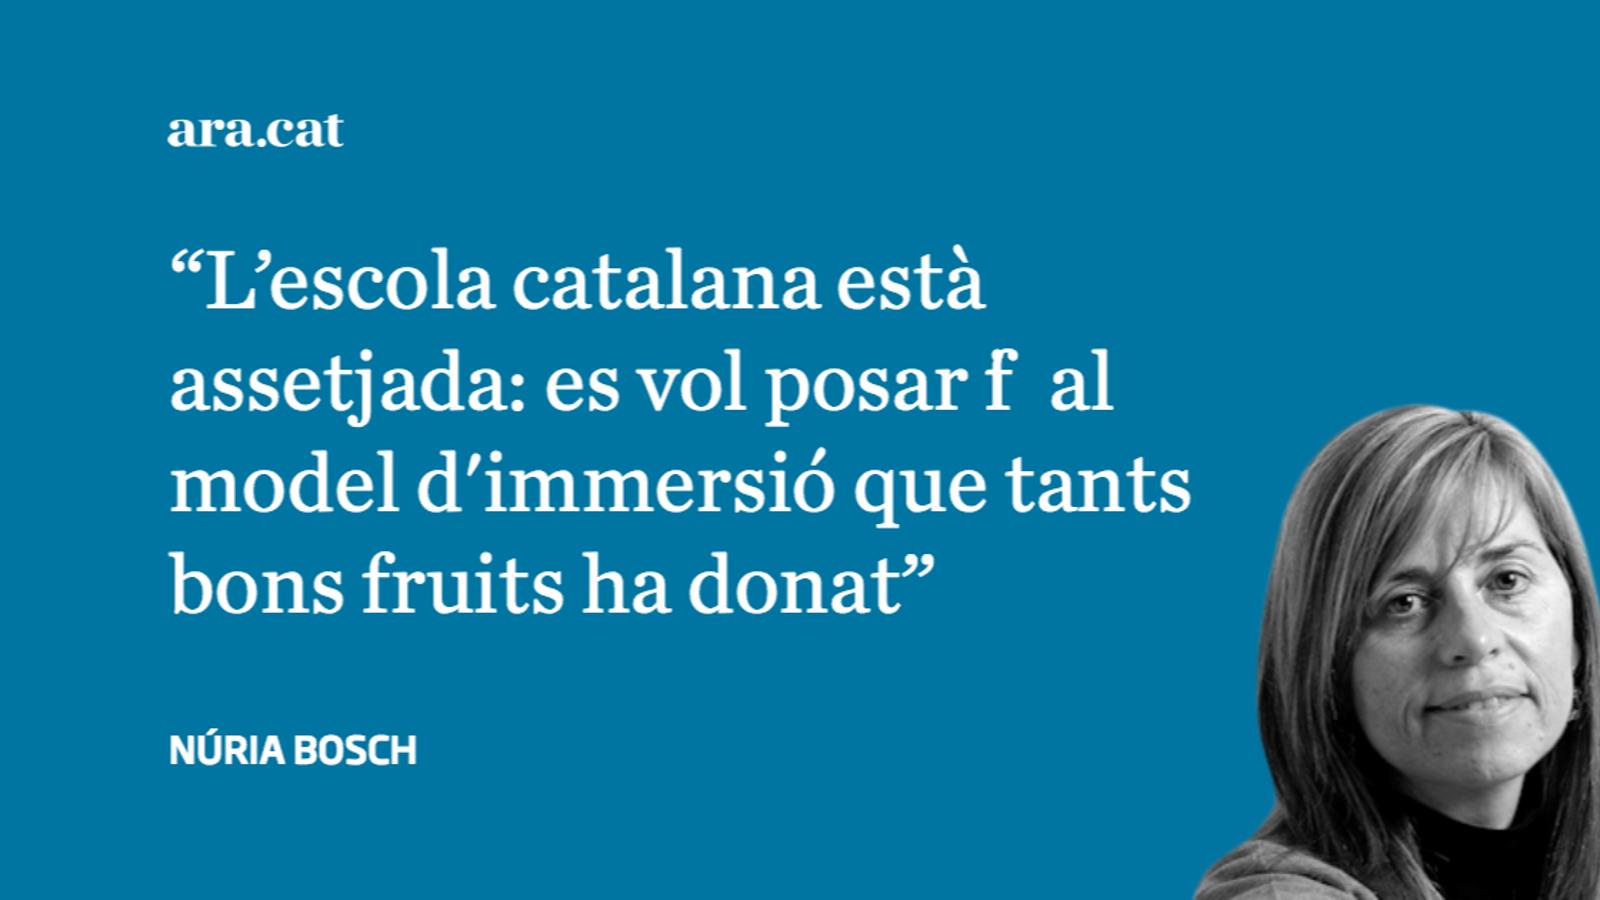 Protegir i millorar l'escola catalana